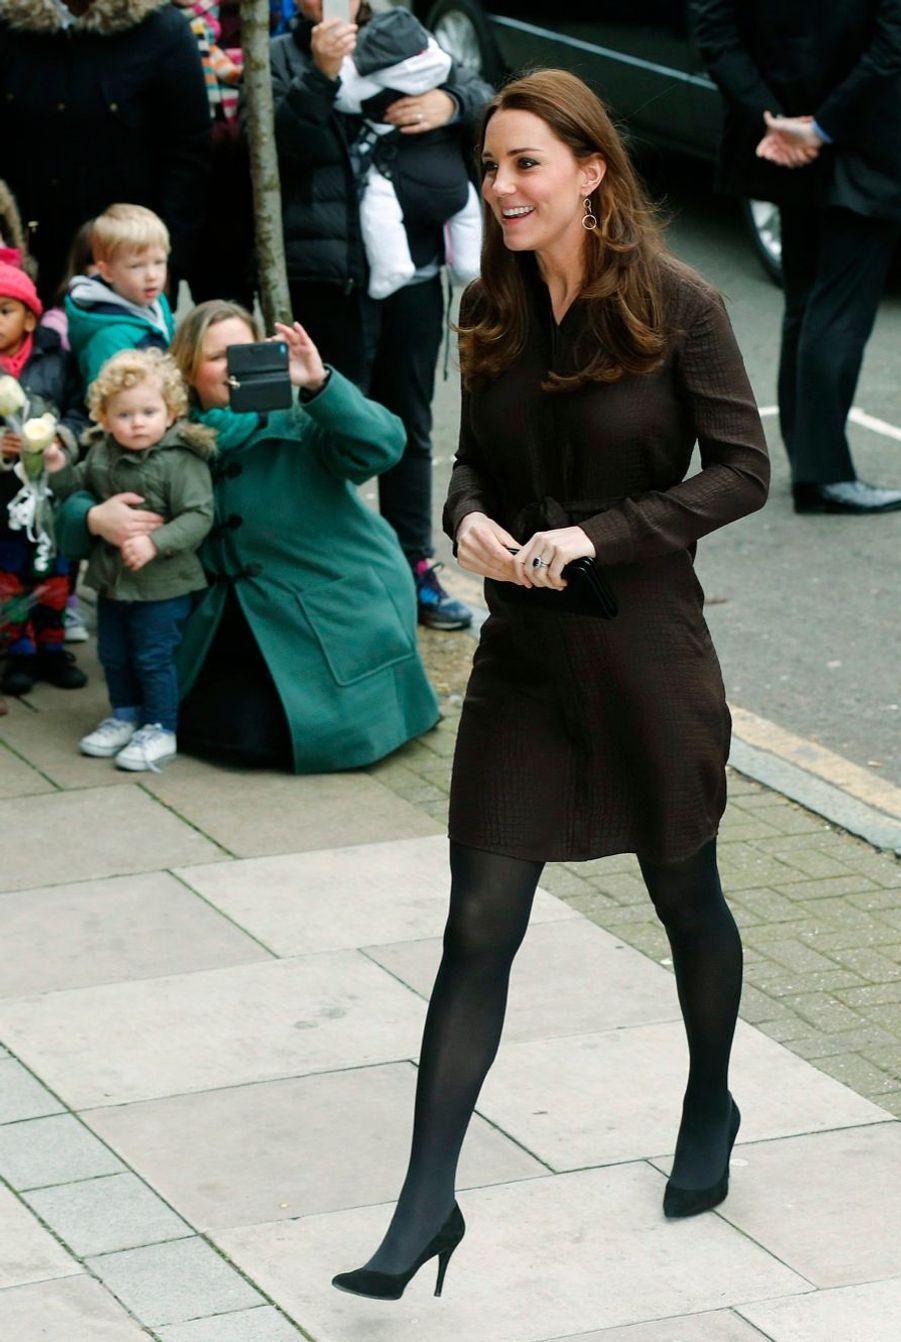 10 La Duchesse De Cambridge, Née Kate Middleton, En Visite Dans Une Association De Familles D'accueil